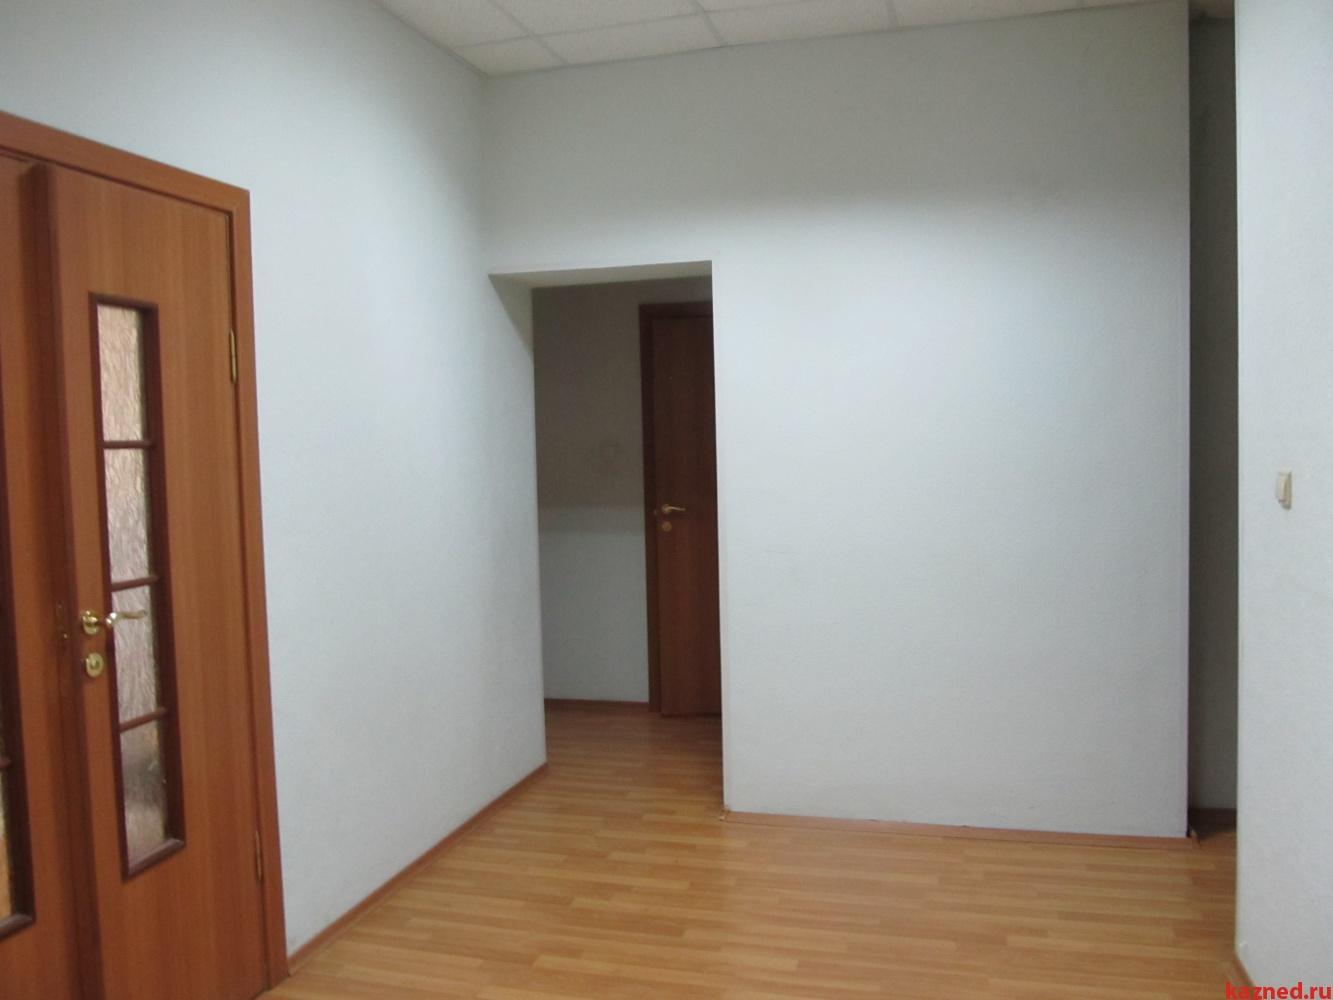 Офисное помещение 95,2 м2 в центре города. Напротив Suvar Plaza. (миниатюра №8)